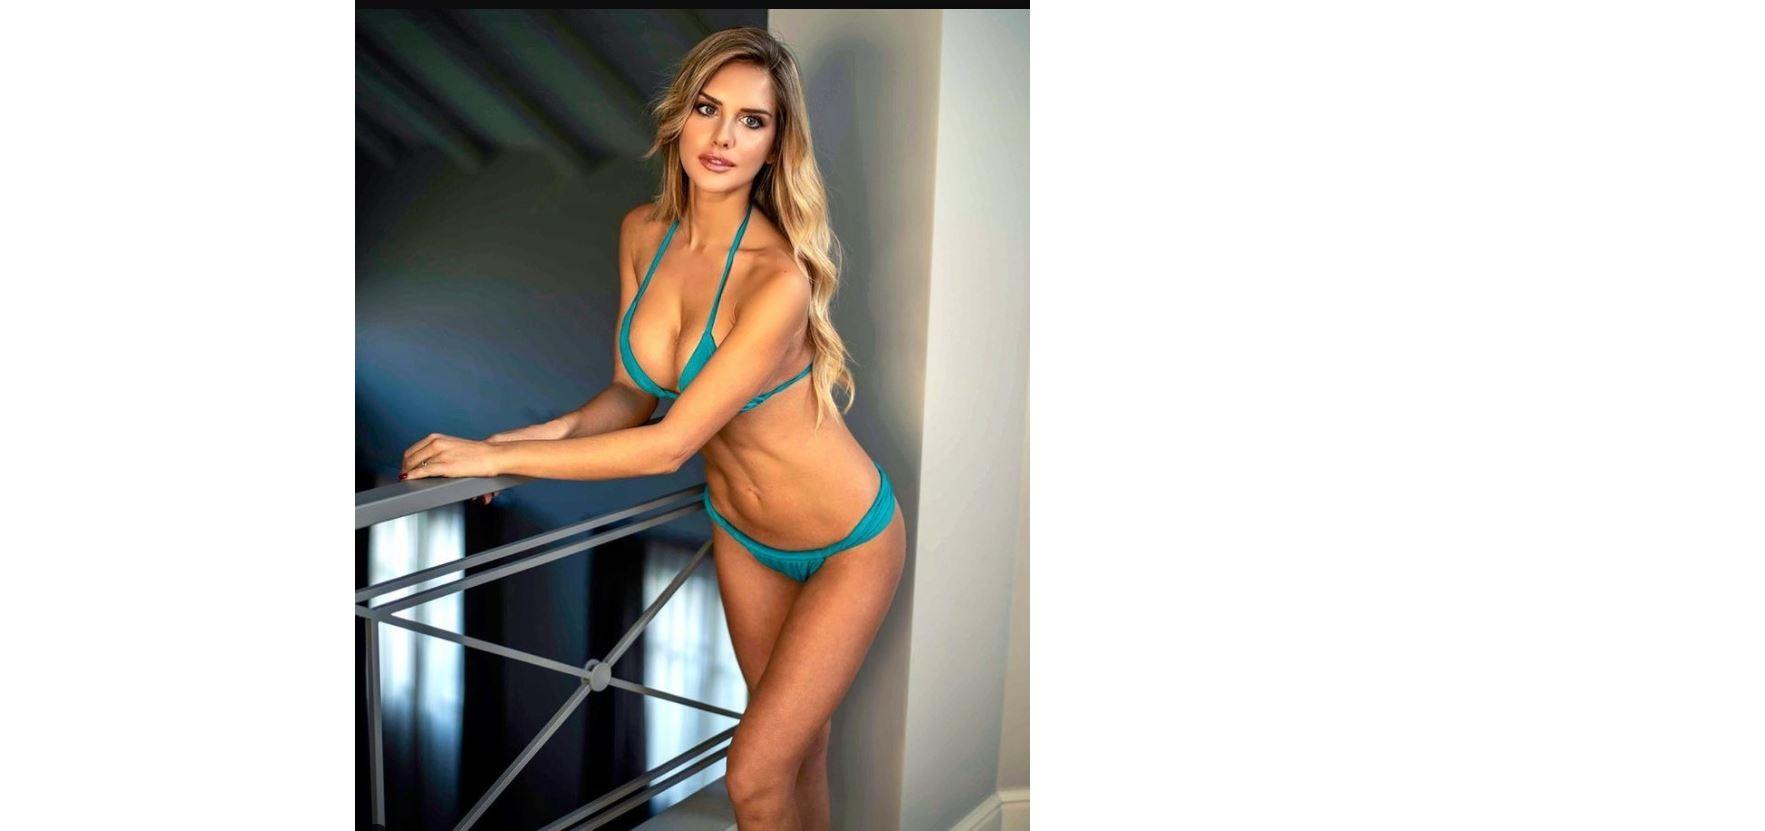 Michela Persico, la bella pareja del olvidado de Juventus: Rugani 4